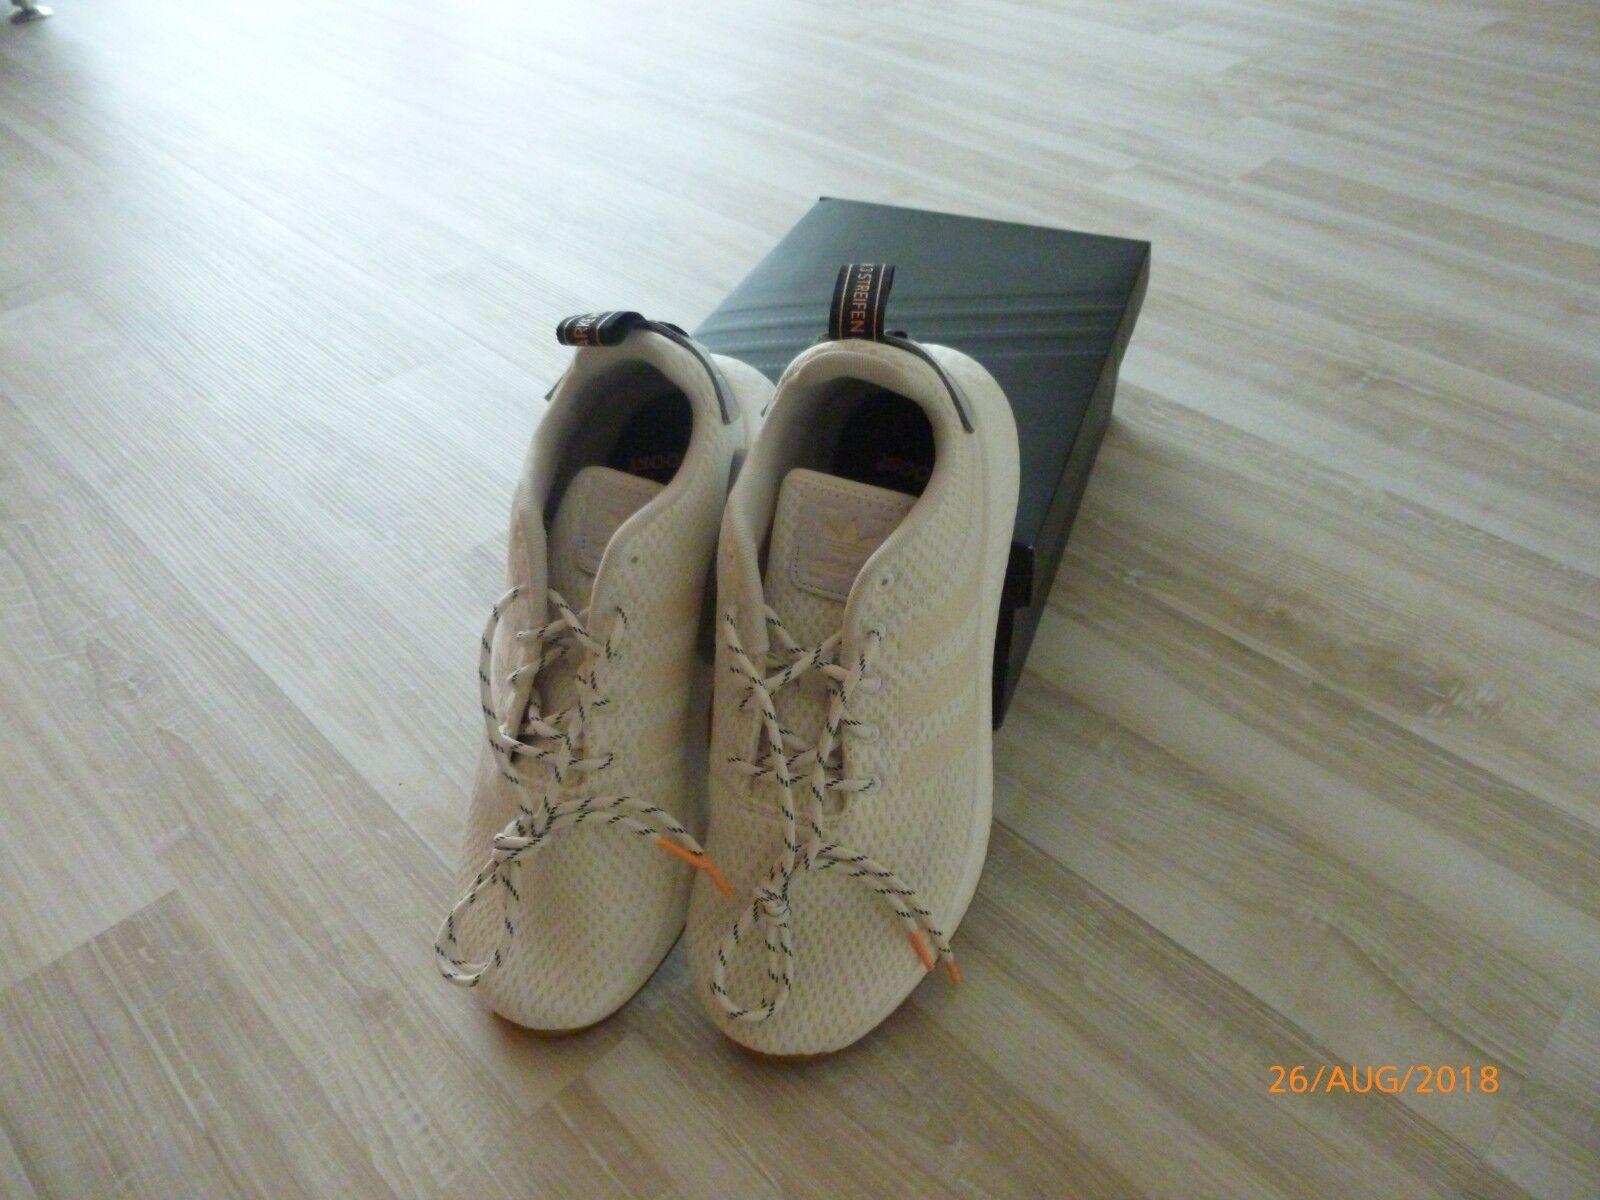 Adidas NMD R2 Boost Gr. US10,5 44 2/3 Weiß UK10 US10,5 Gr. Herren Sneaker cf7bd5